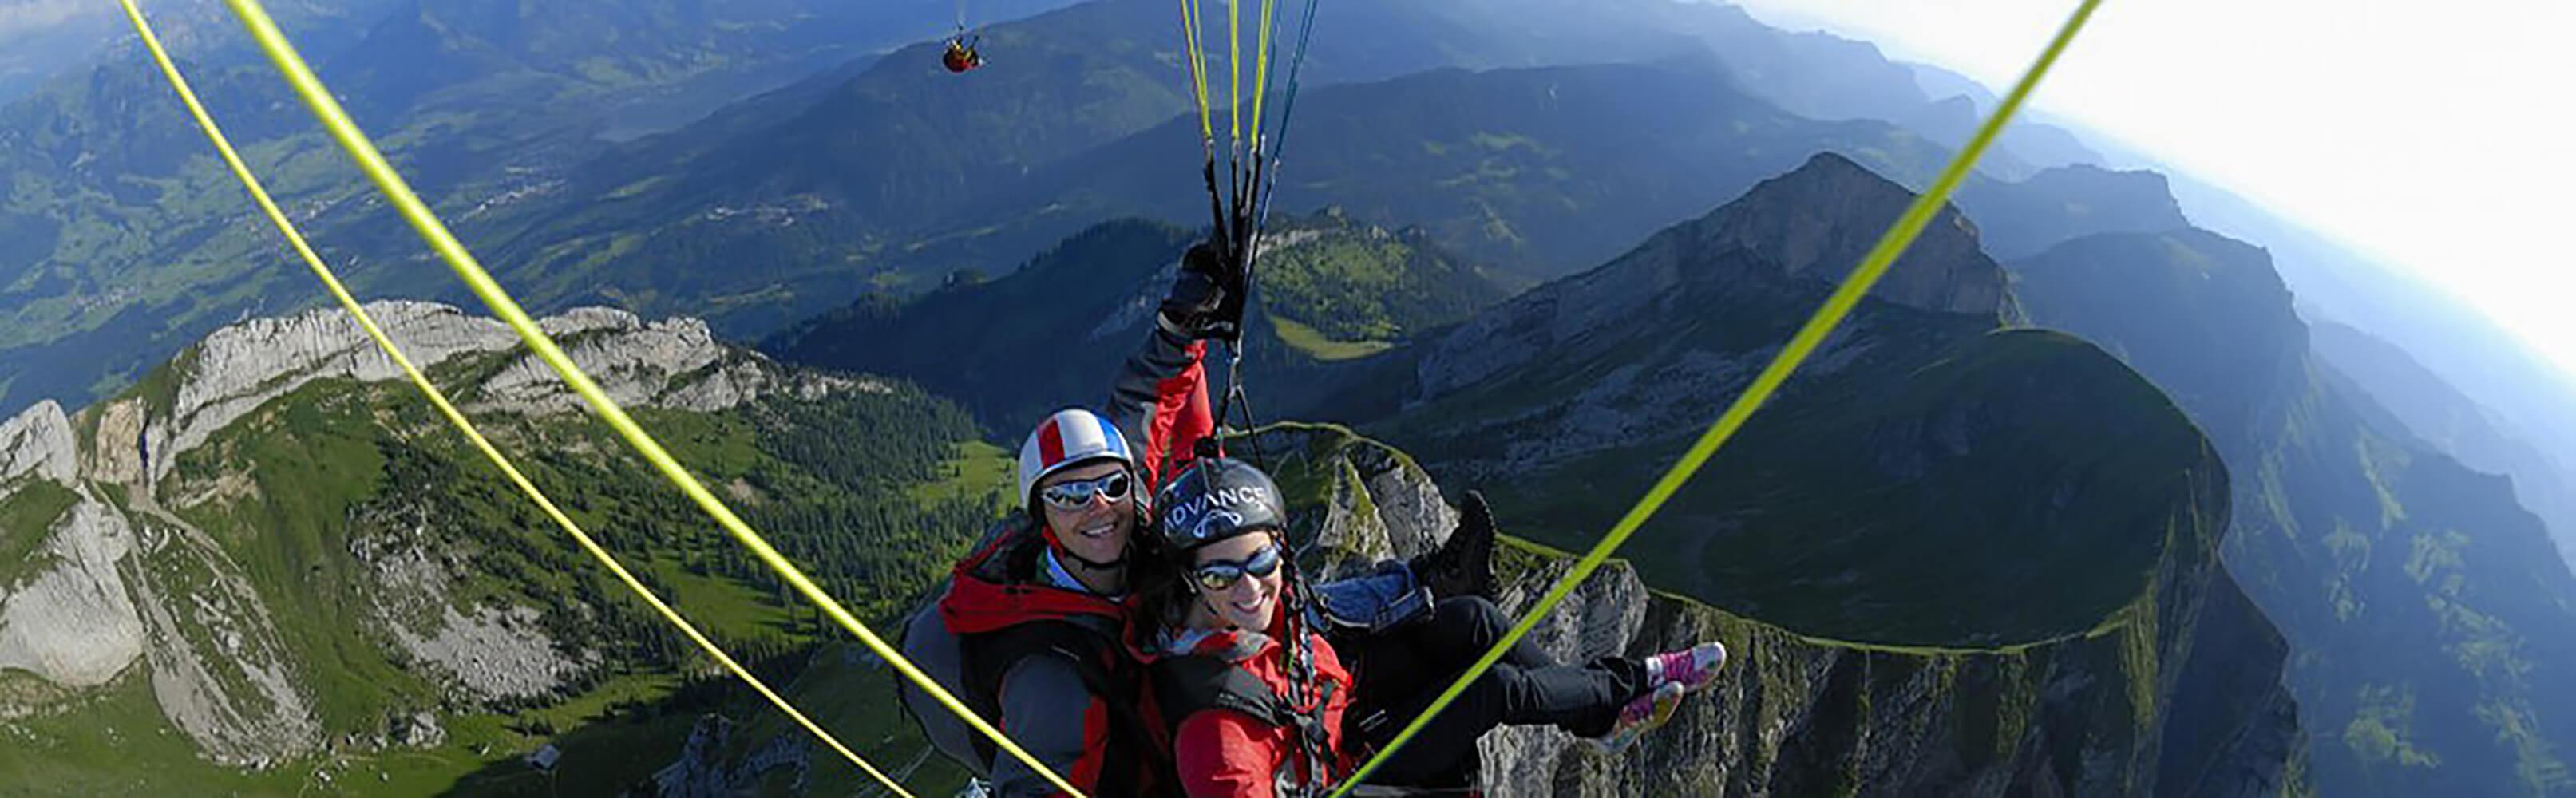 Gleitschirm Tandemflüge in der Zentralschweiz 1